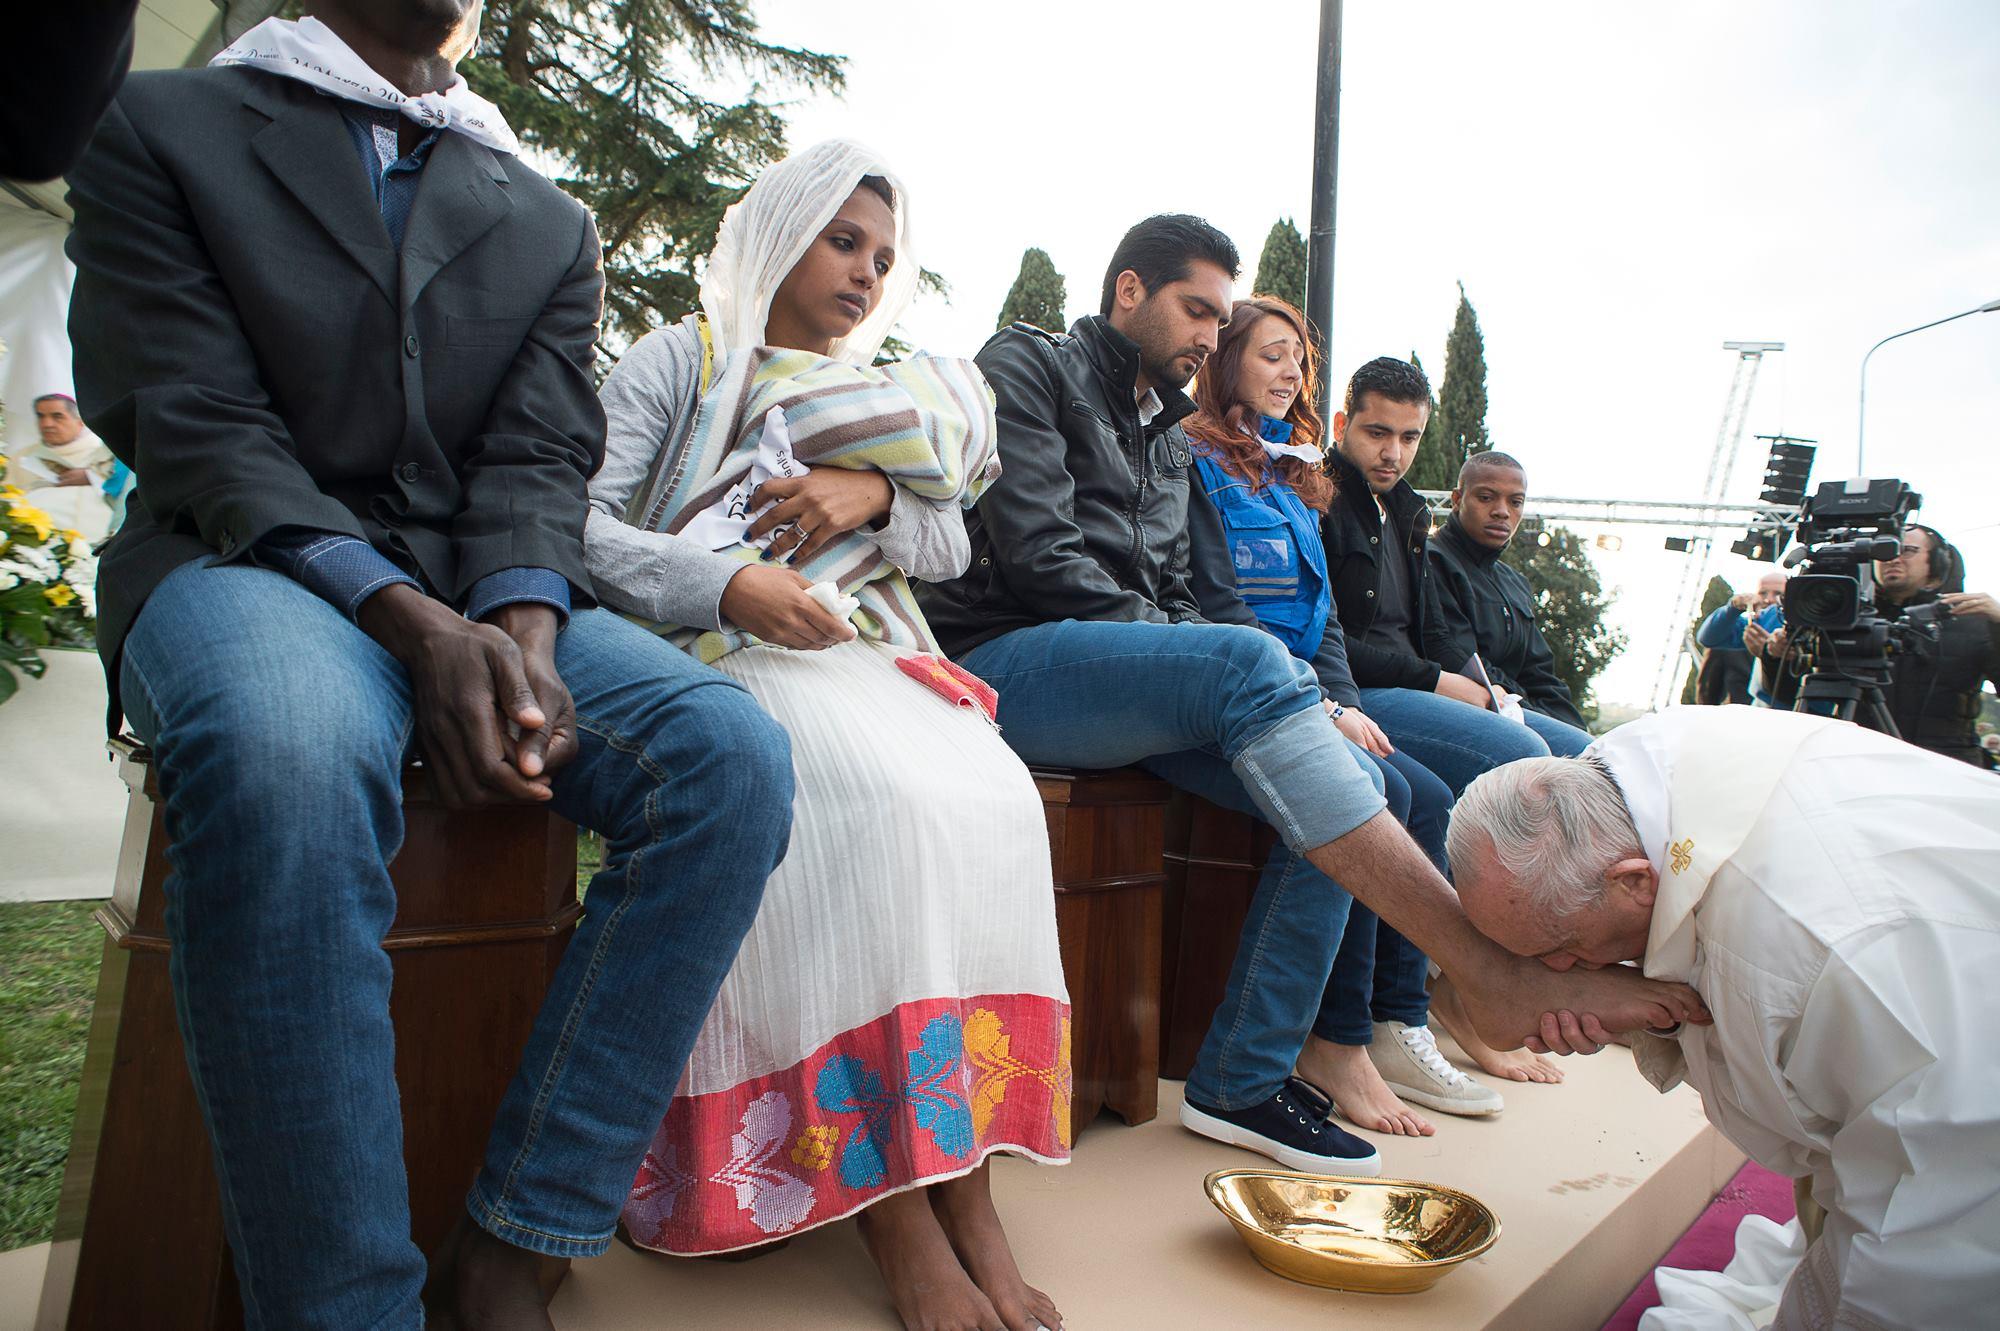 Энцо Бьянки: шокирующая любовь Бога и возмутительный стиль Папы Франциска